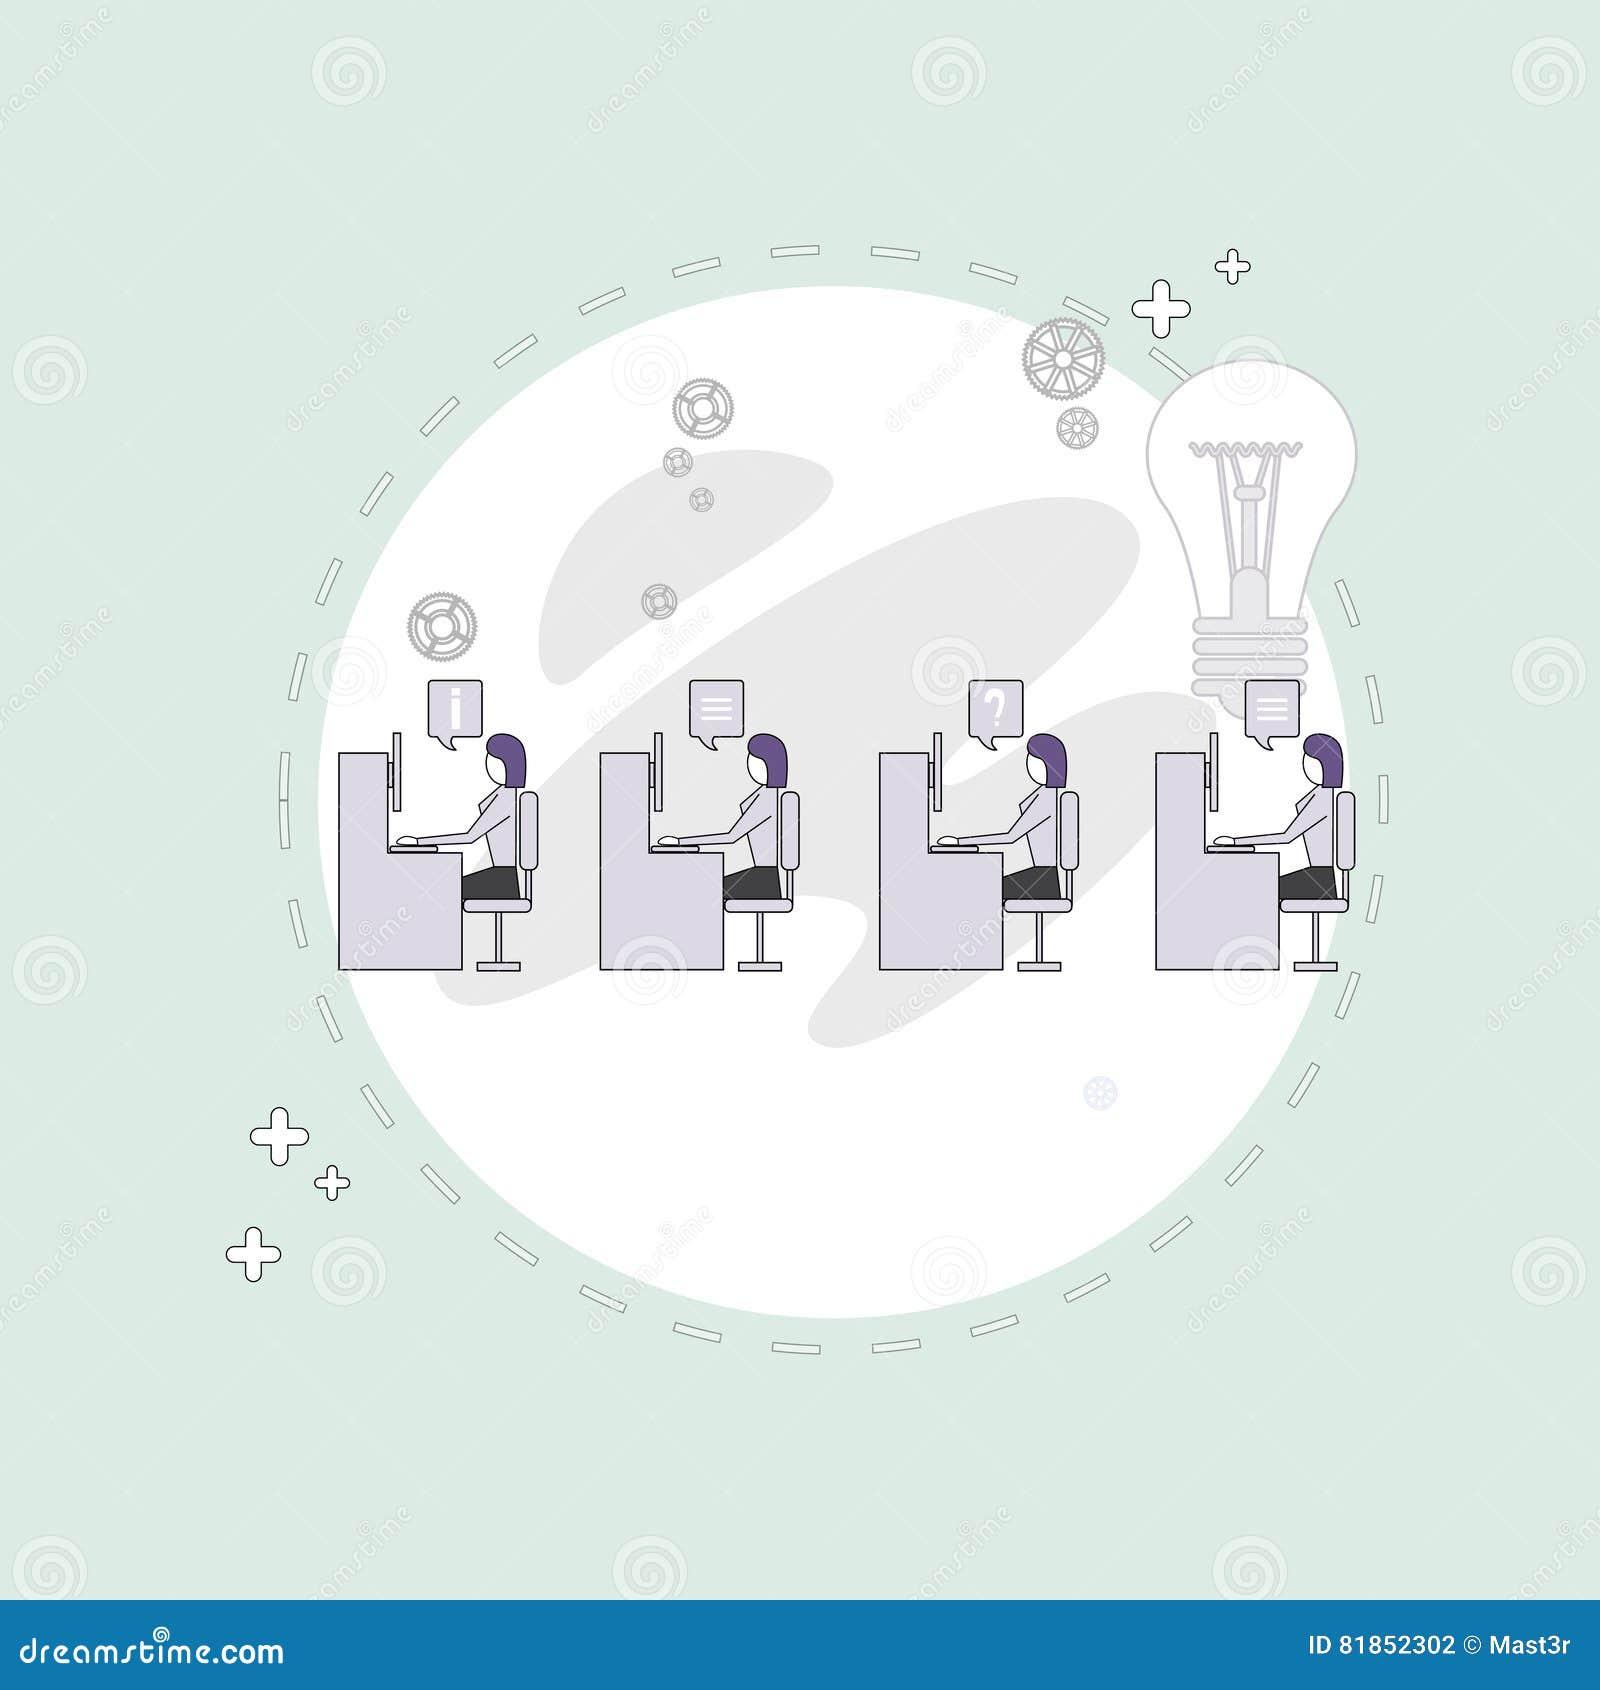 Los empresarios agrupan concepto creativo de trabajo del escritorio de Team Business People Sitting Office